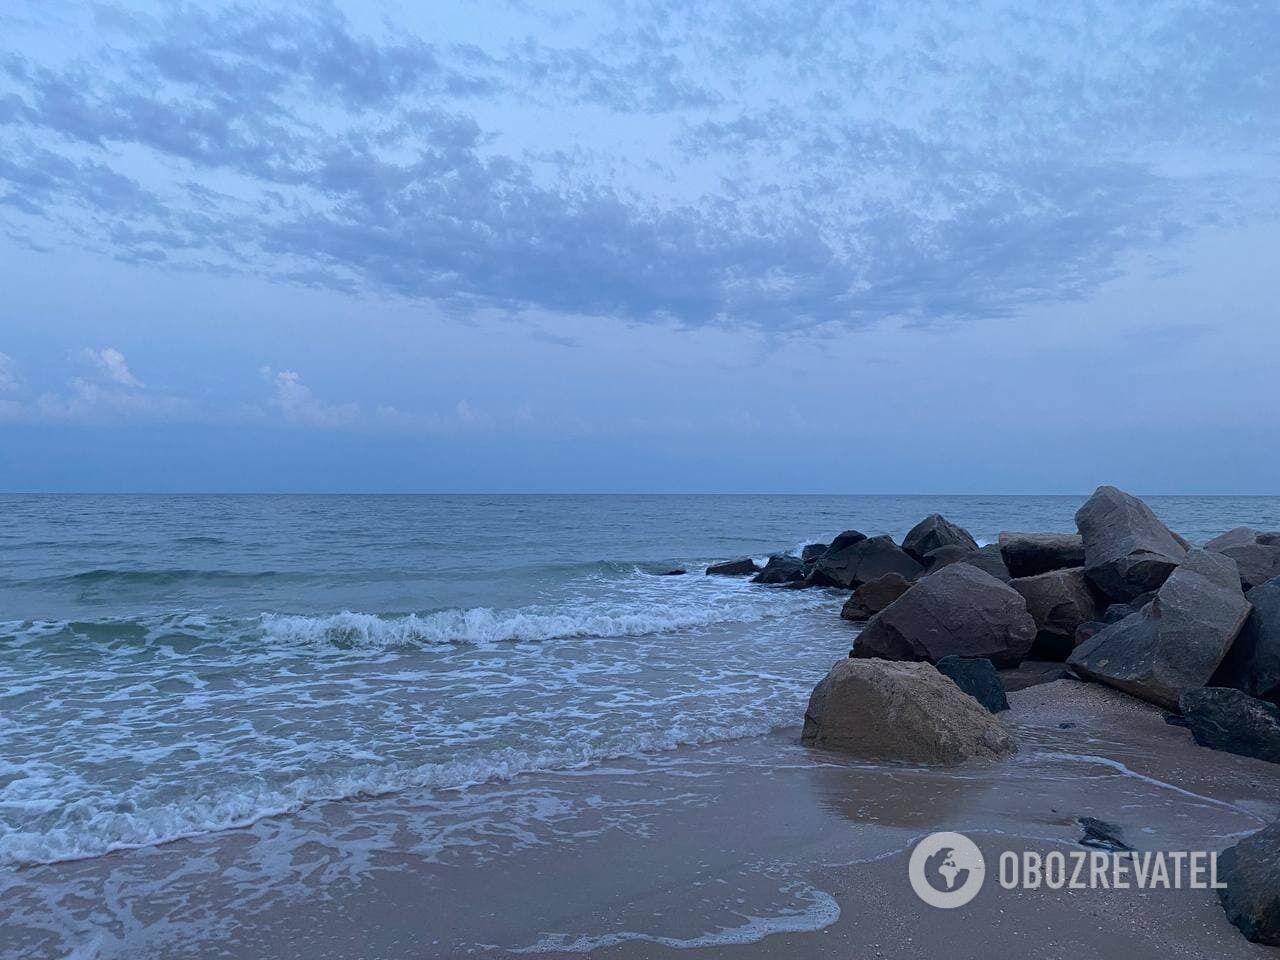 На Бердянской косе пляжи славятся своей чистотой